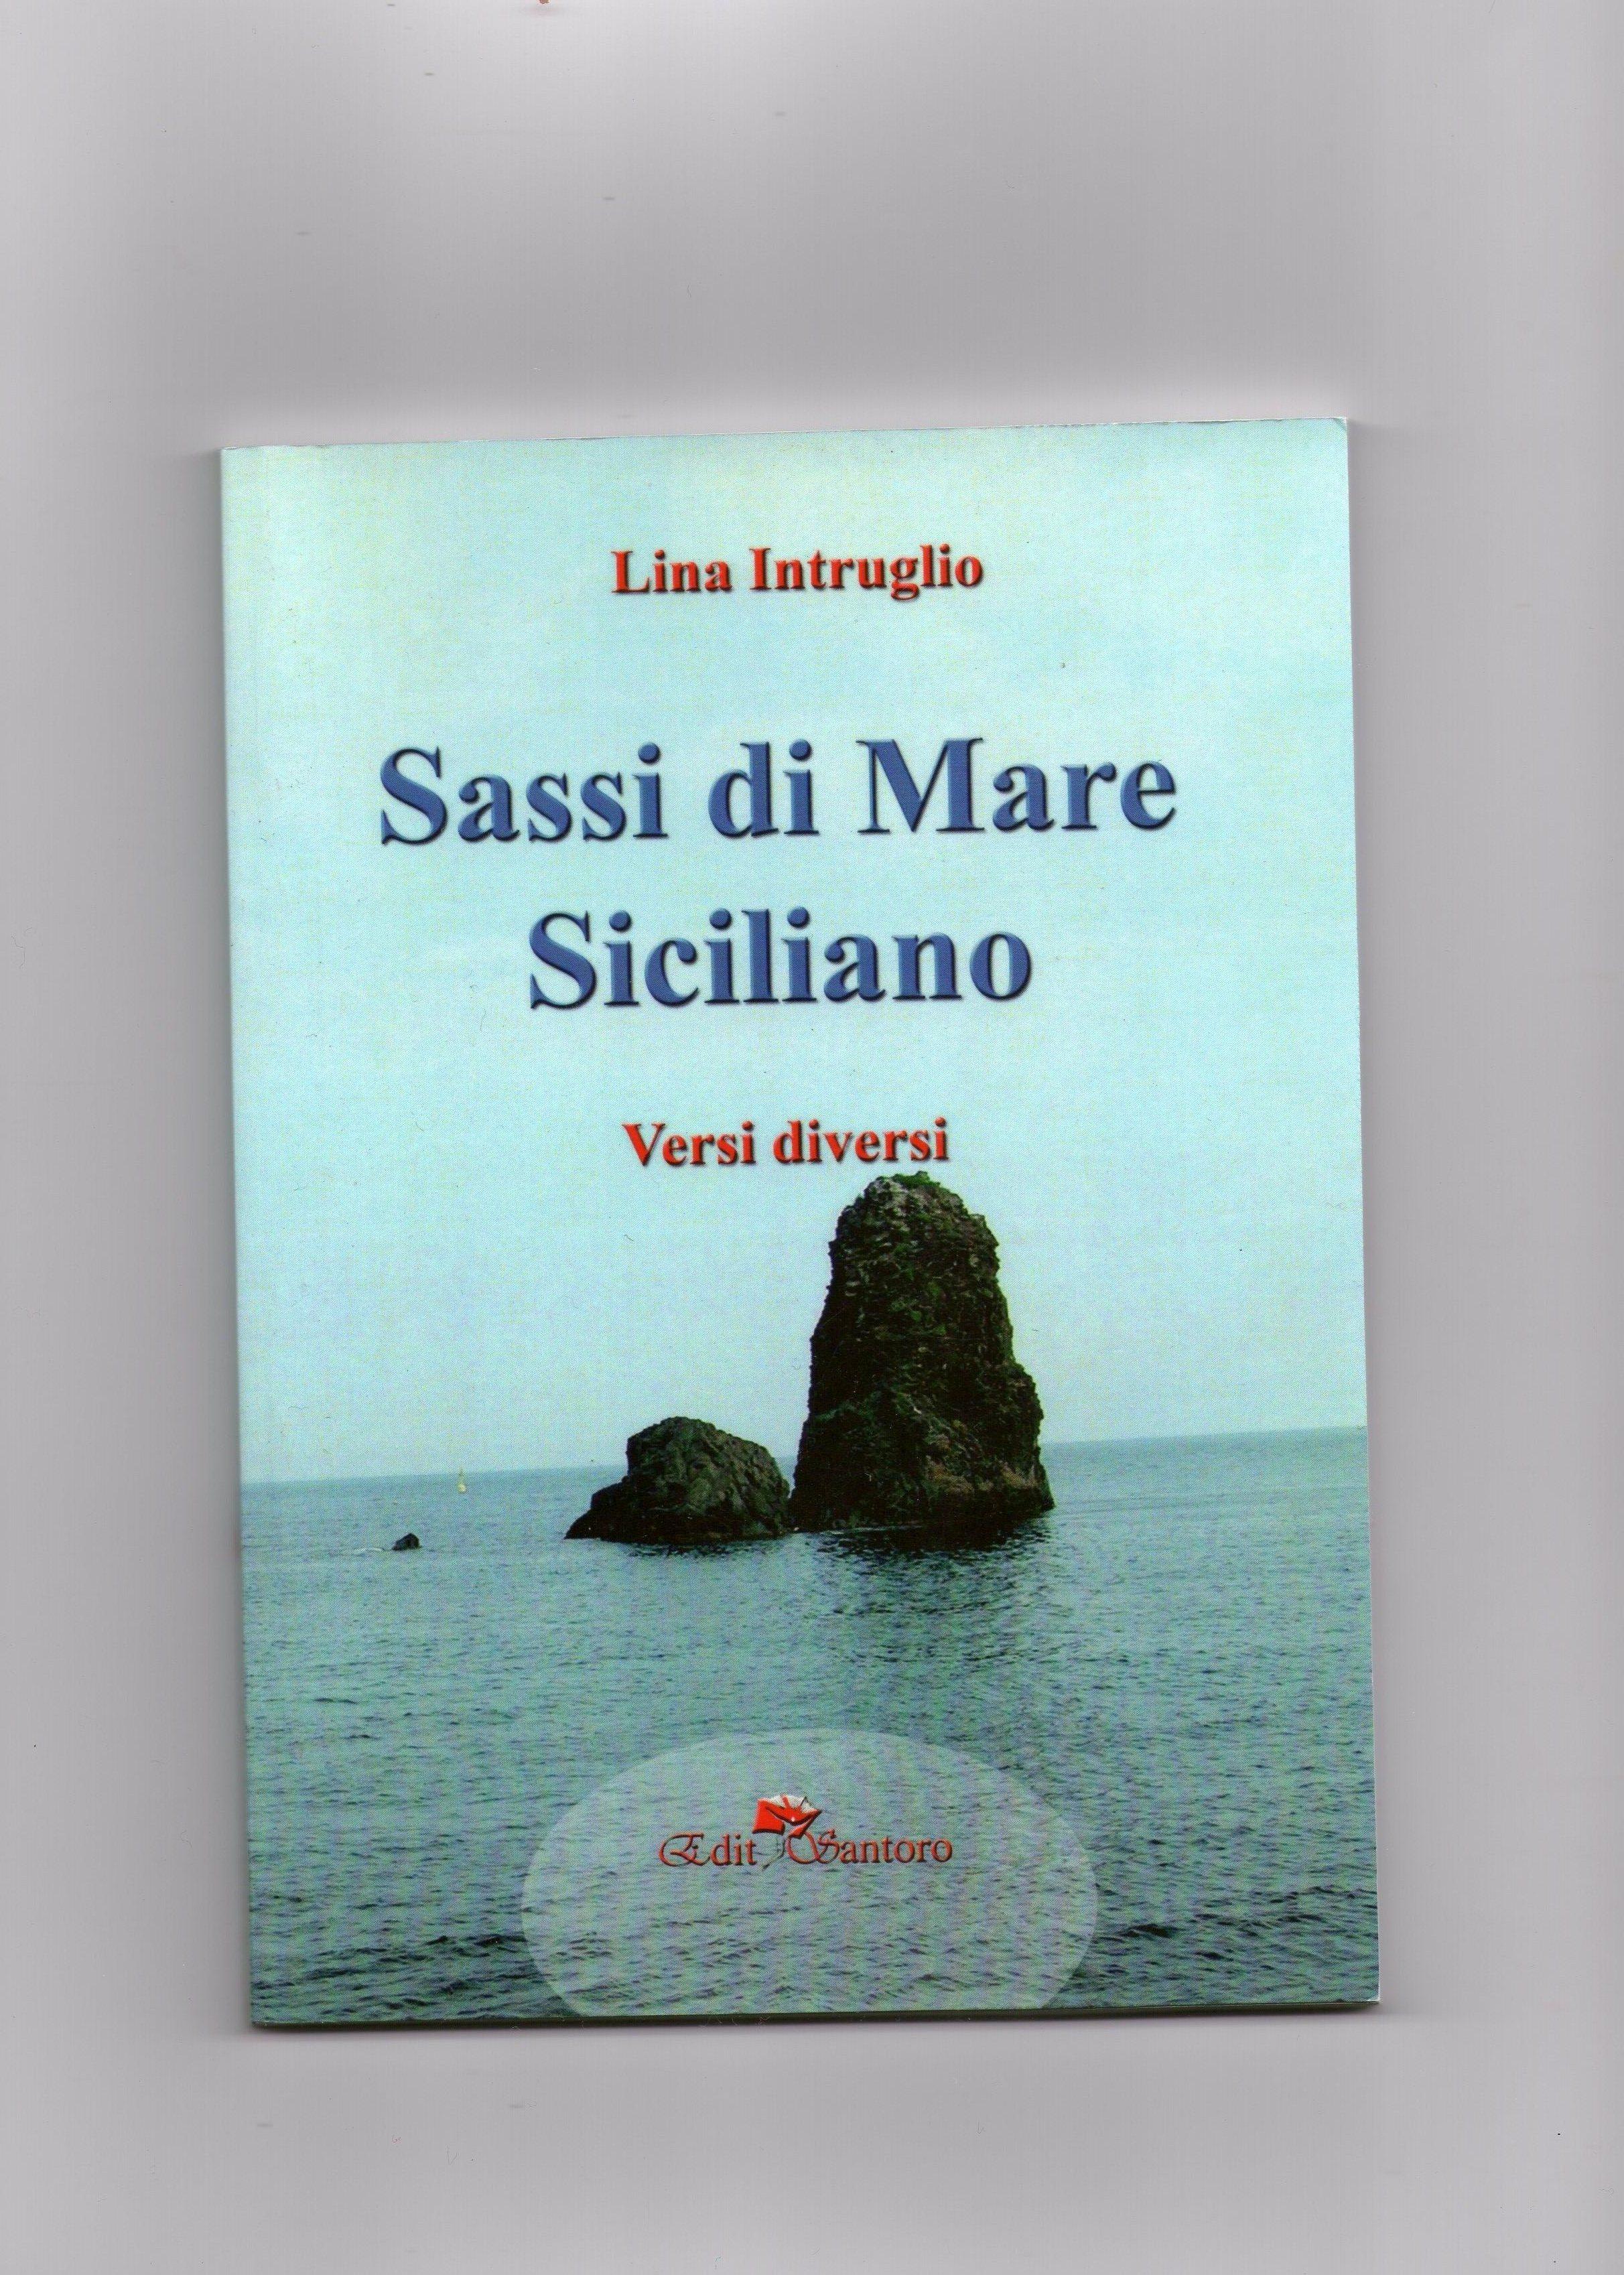 Sassi di mare siciliano